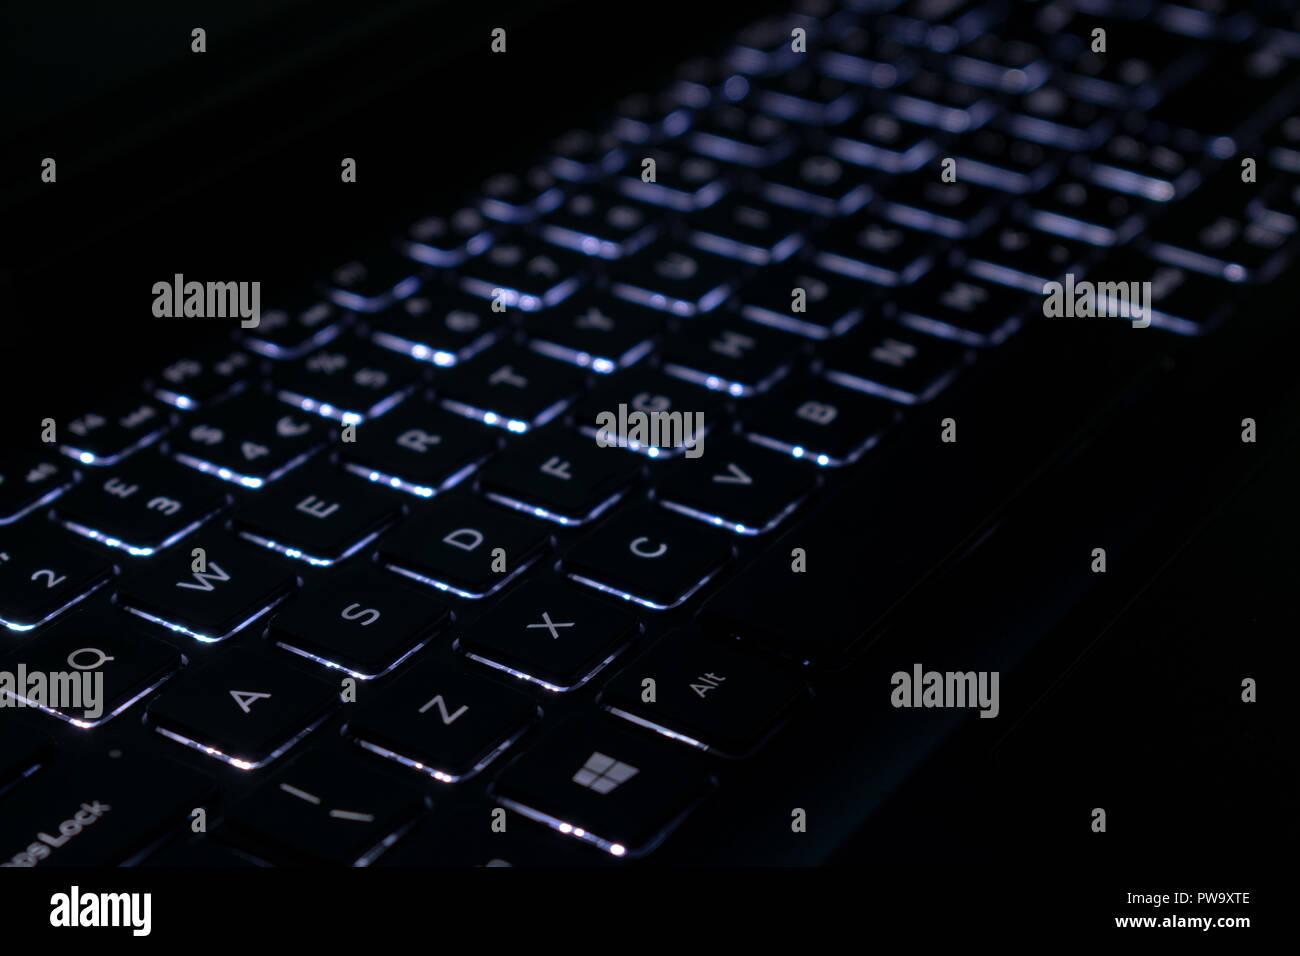 Laptop keyboard illuminated, back-lit, close up - Stock Image